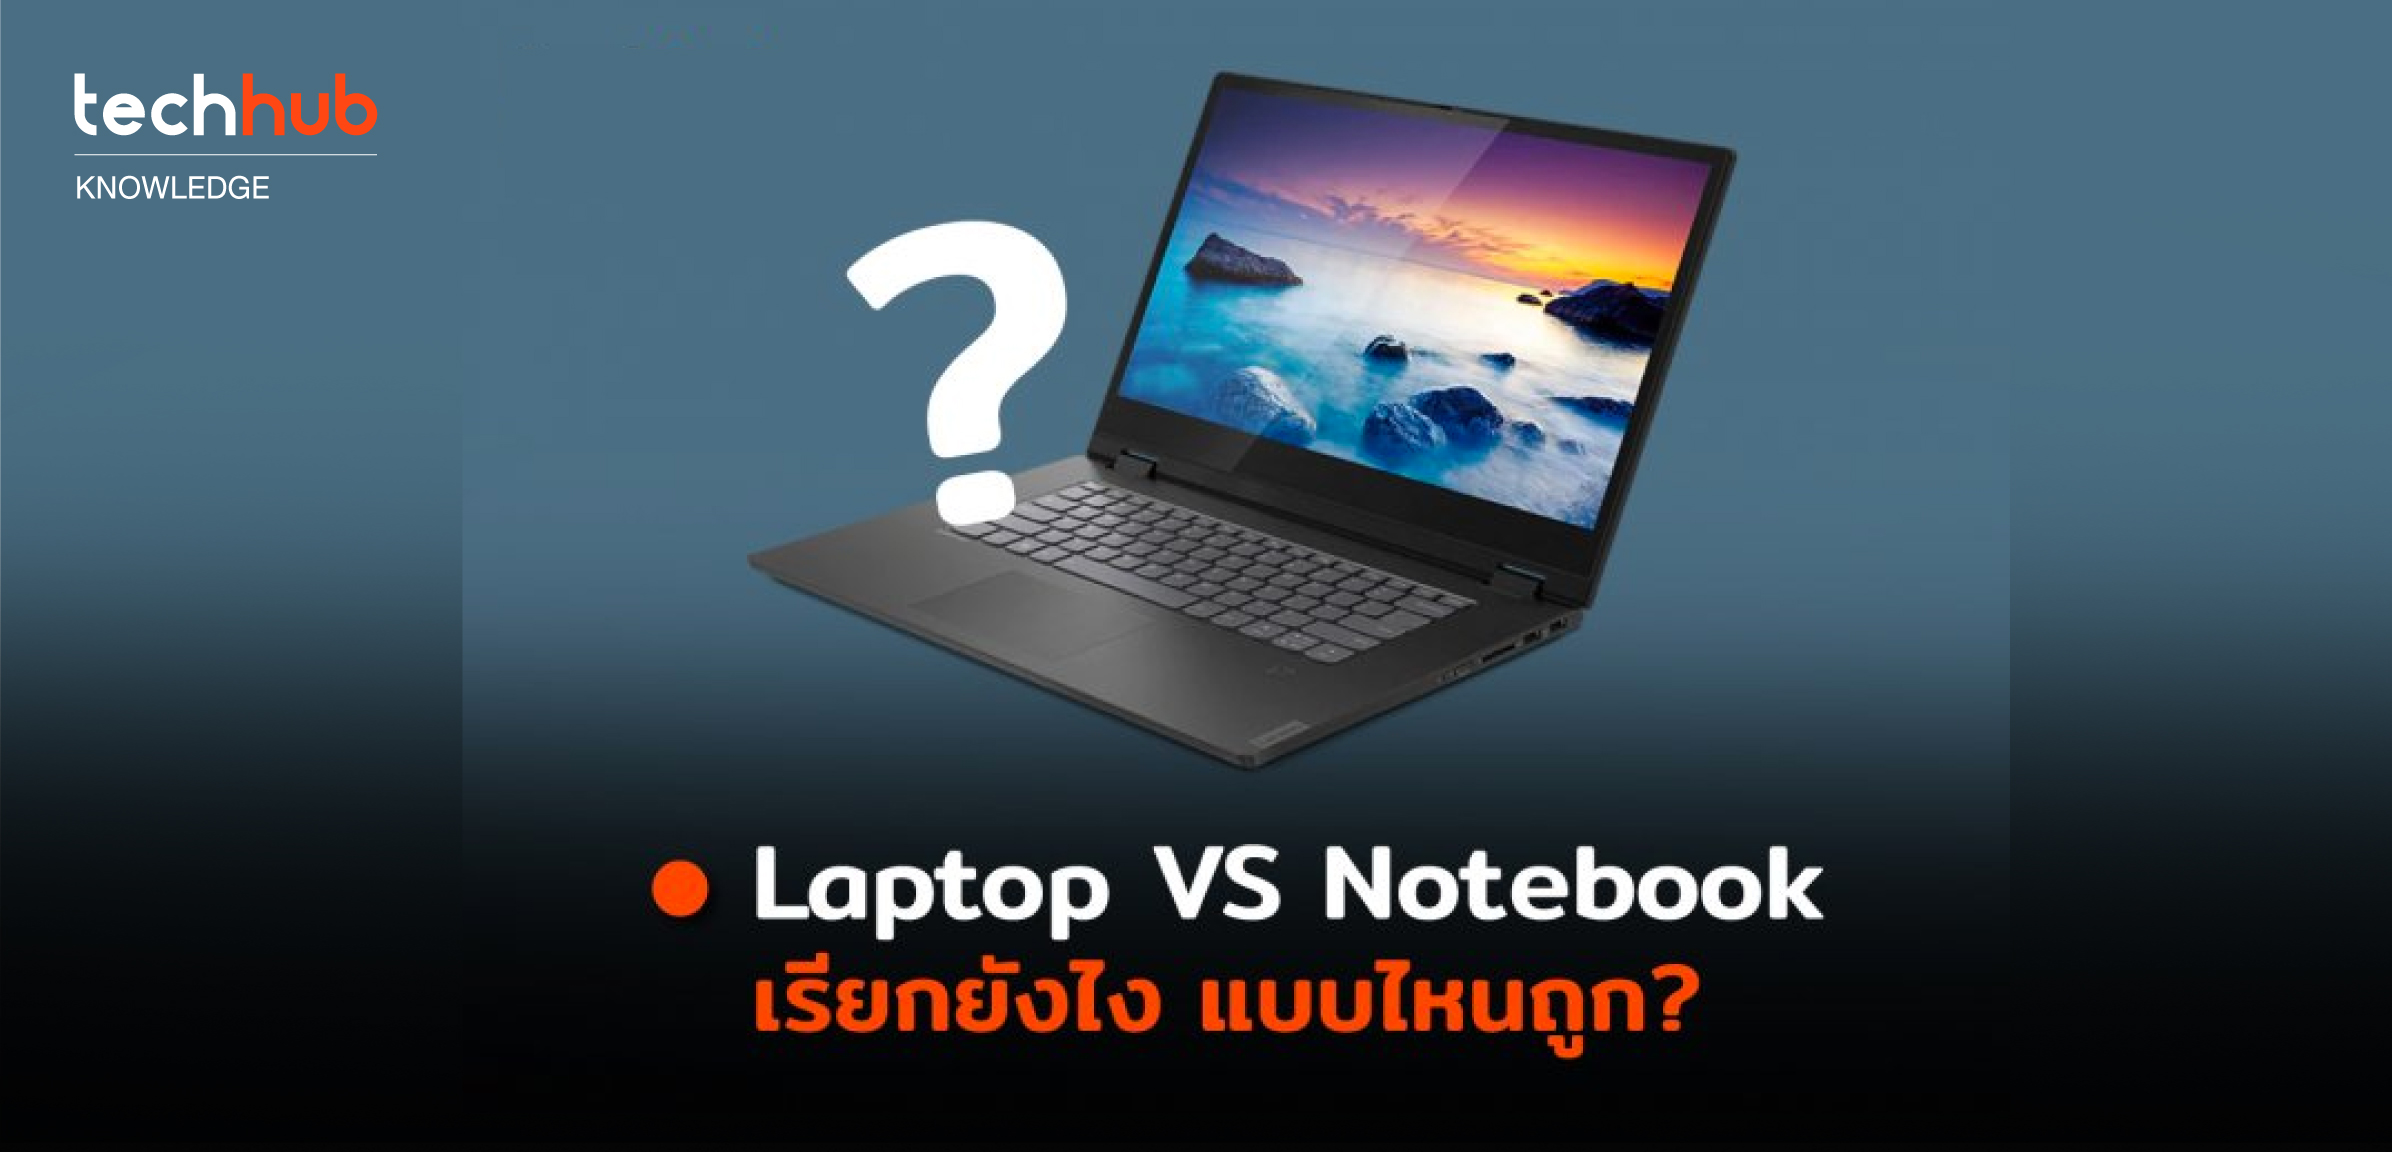 Laptop หรือ Notebook เรียกแบบไหน ถึงถูก ?